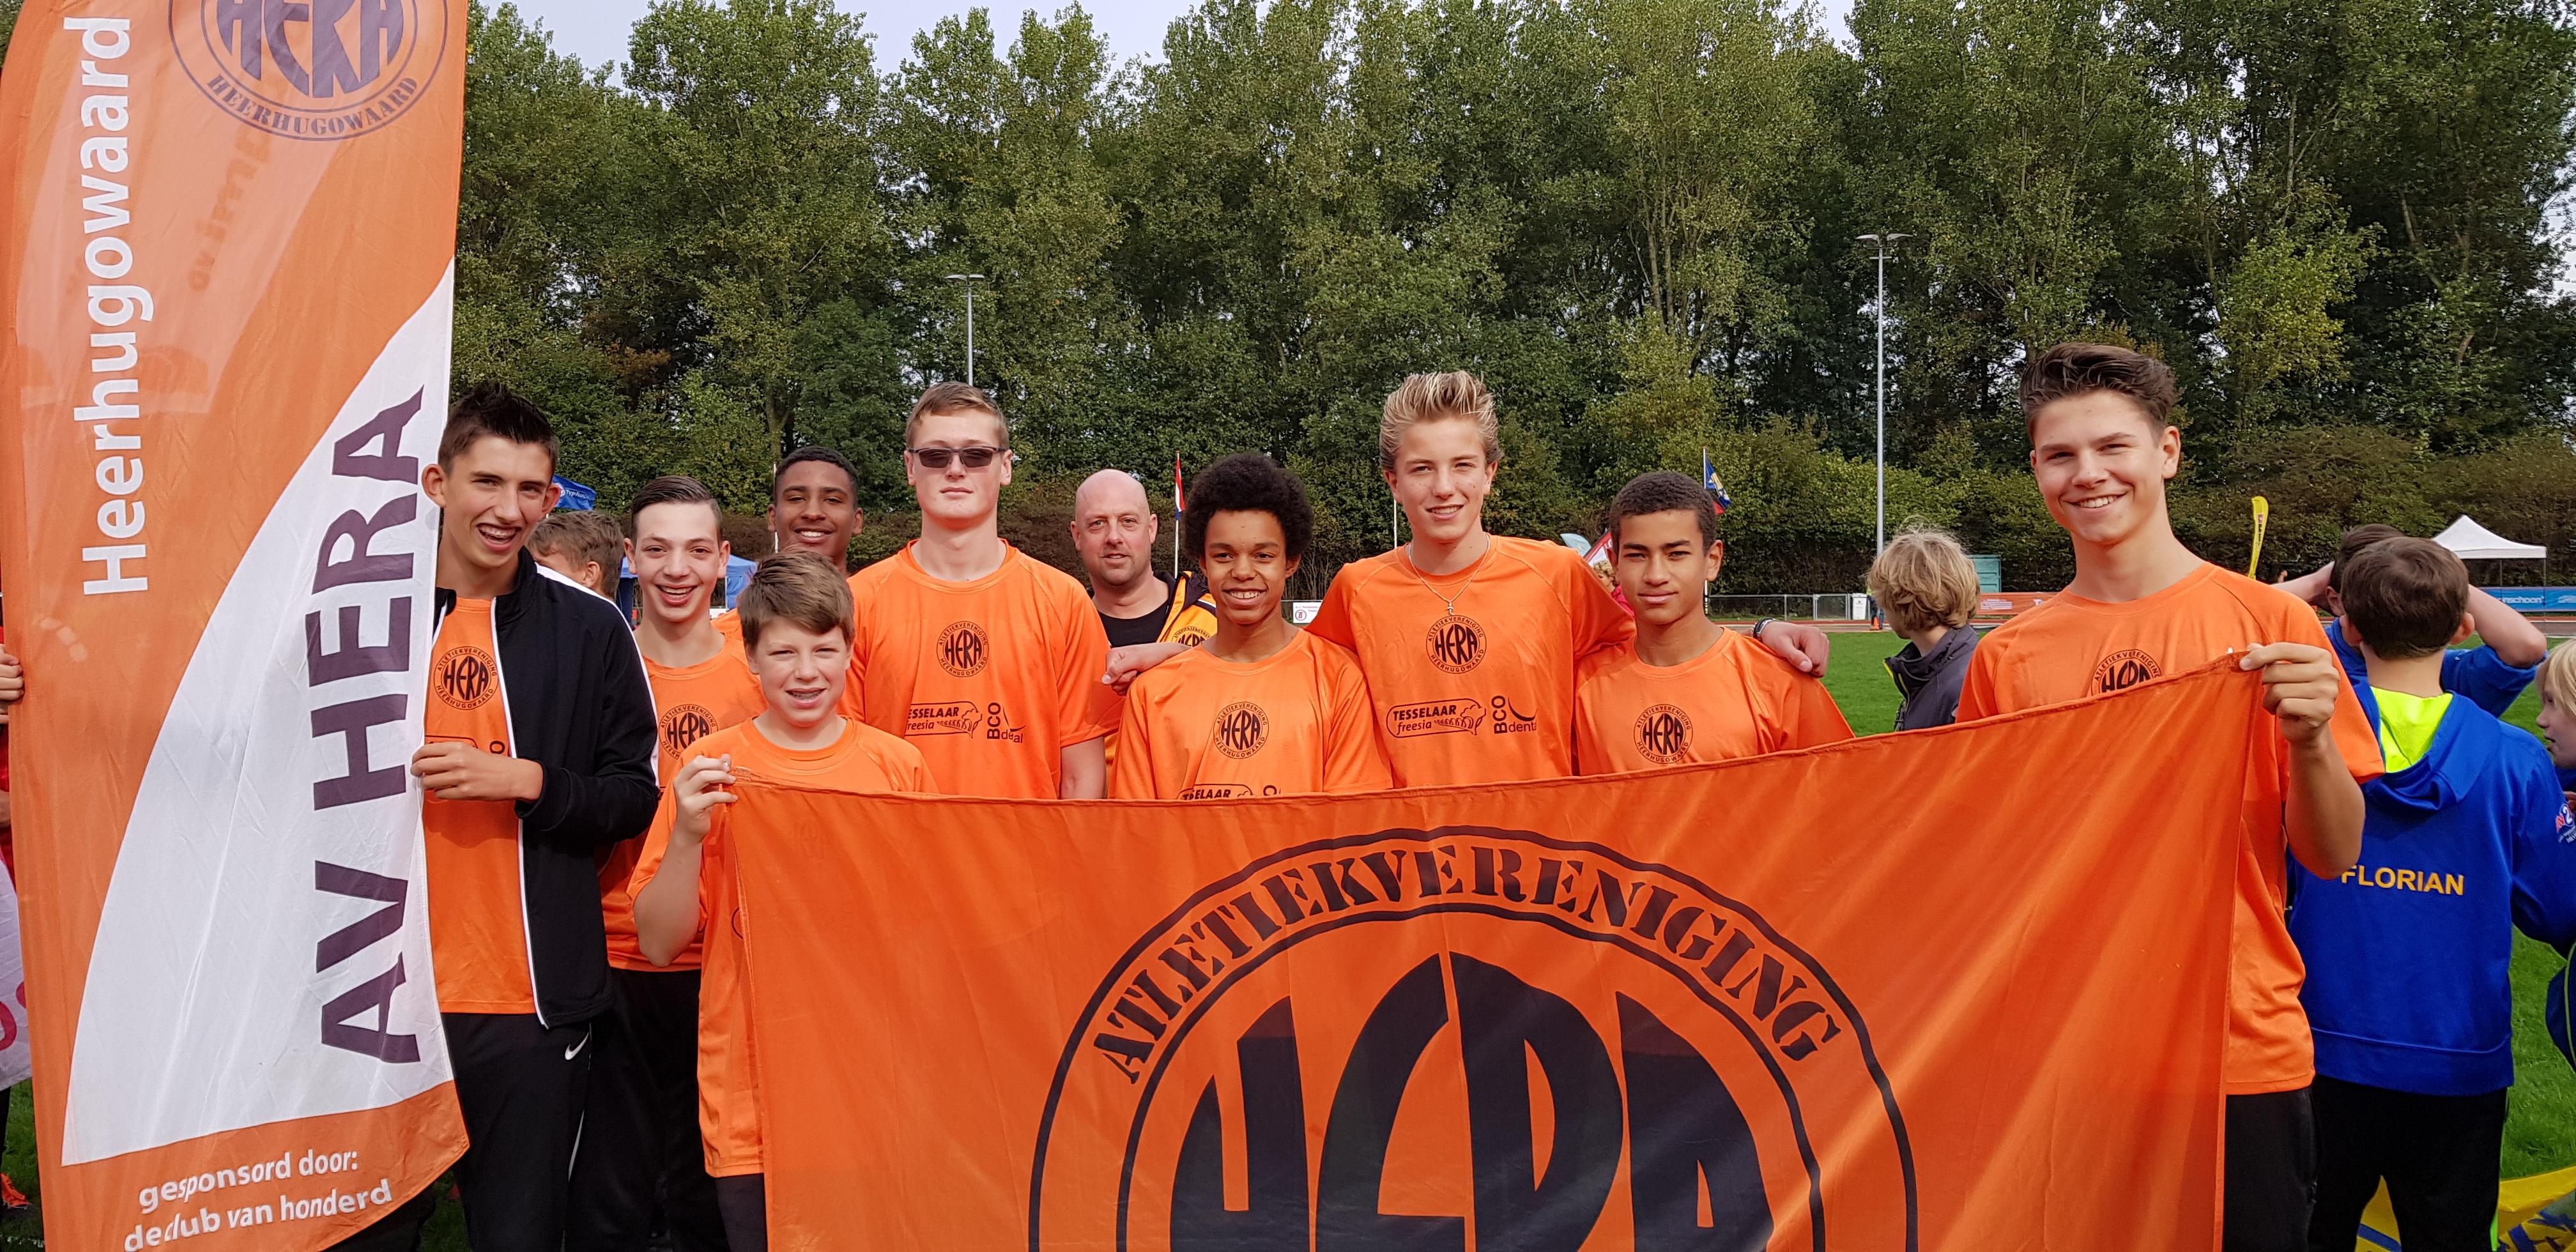 Het jongens C-team van AV Hera werd derde in landelijke finale. (aangeleverde foto)